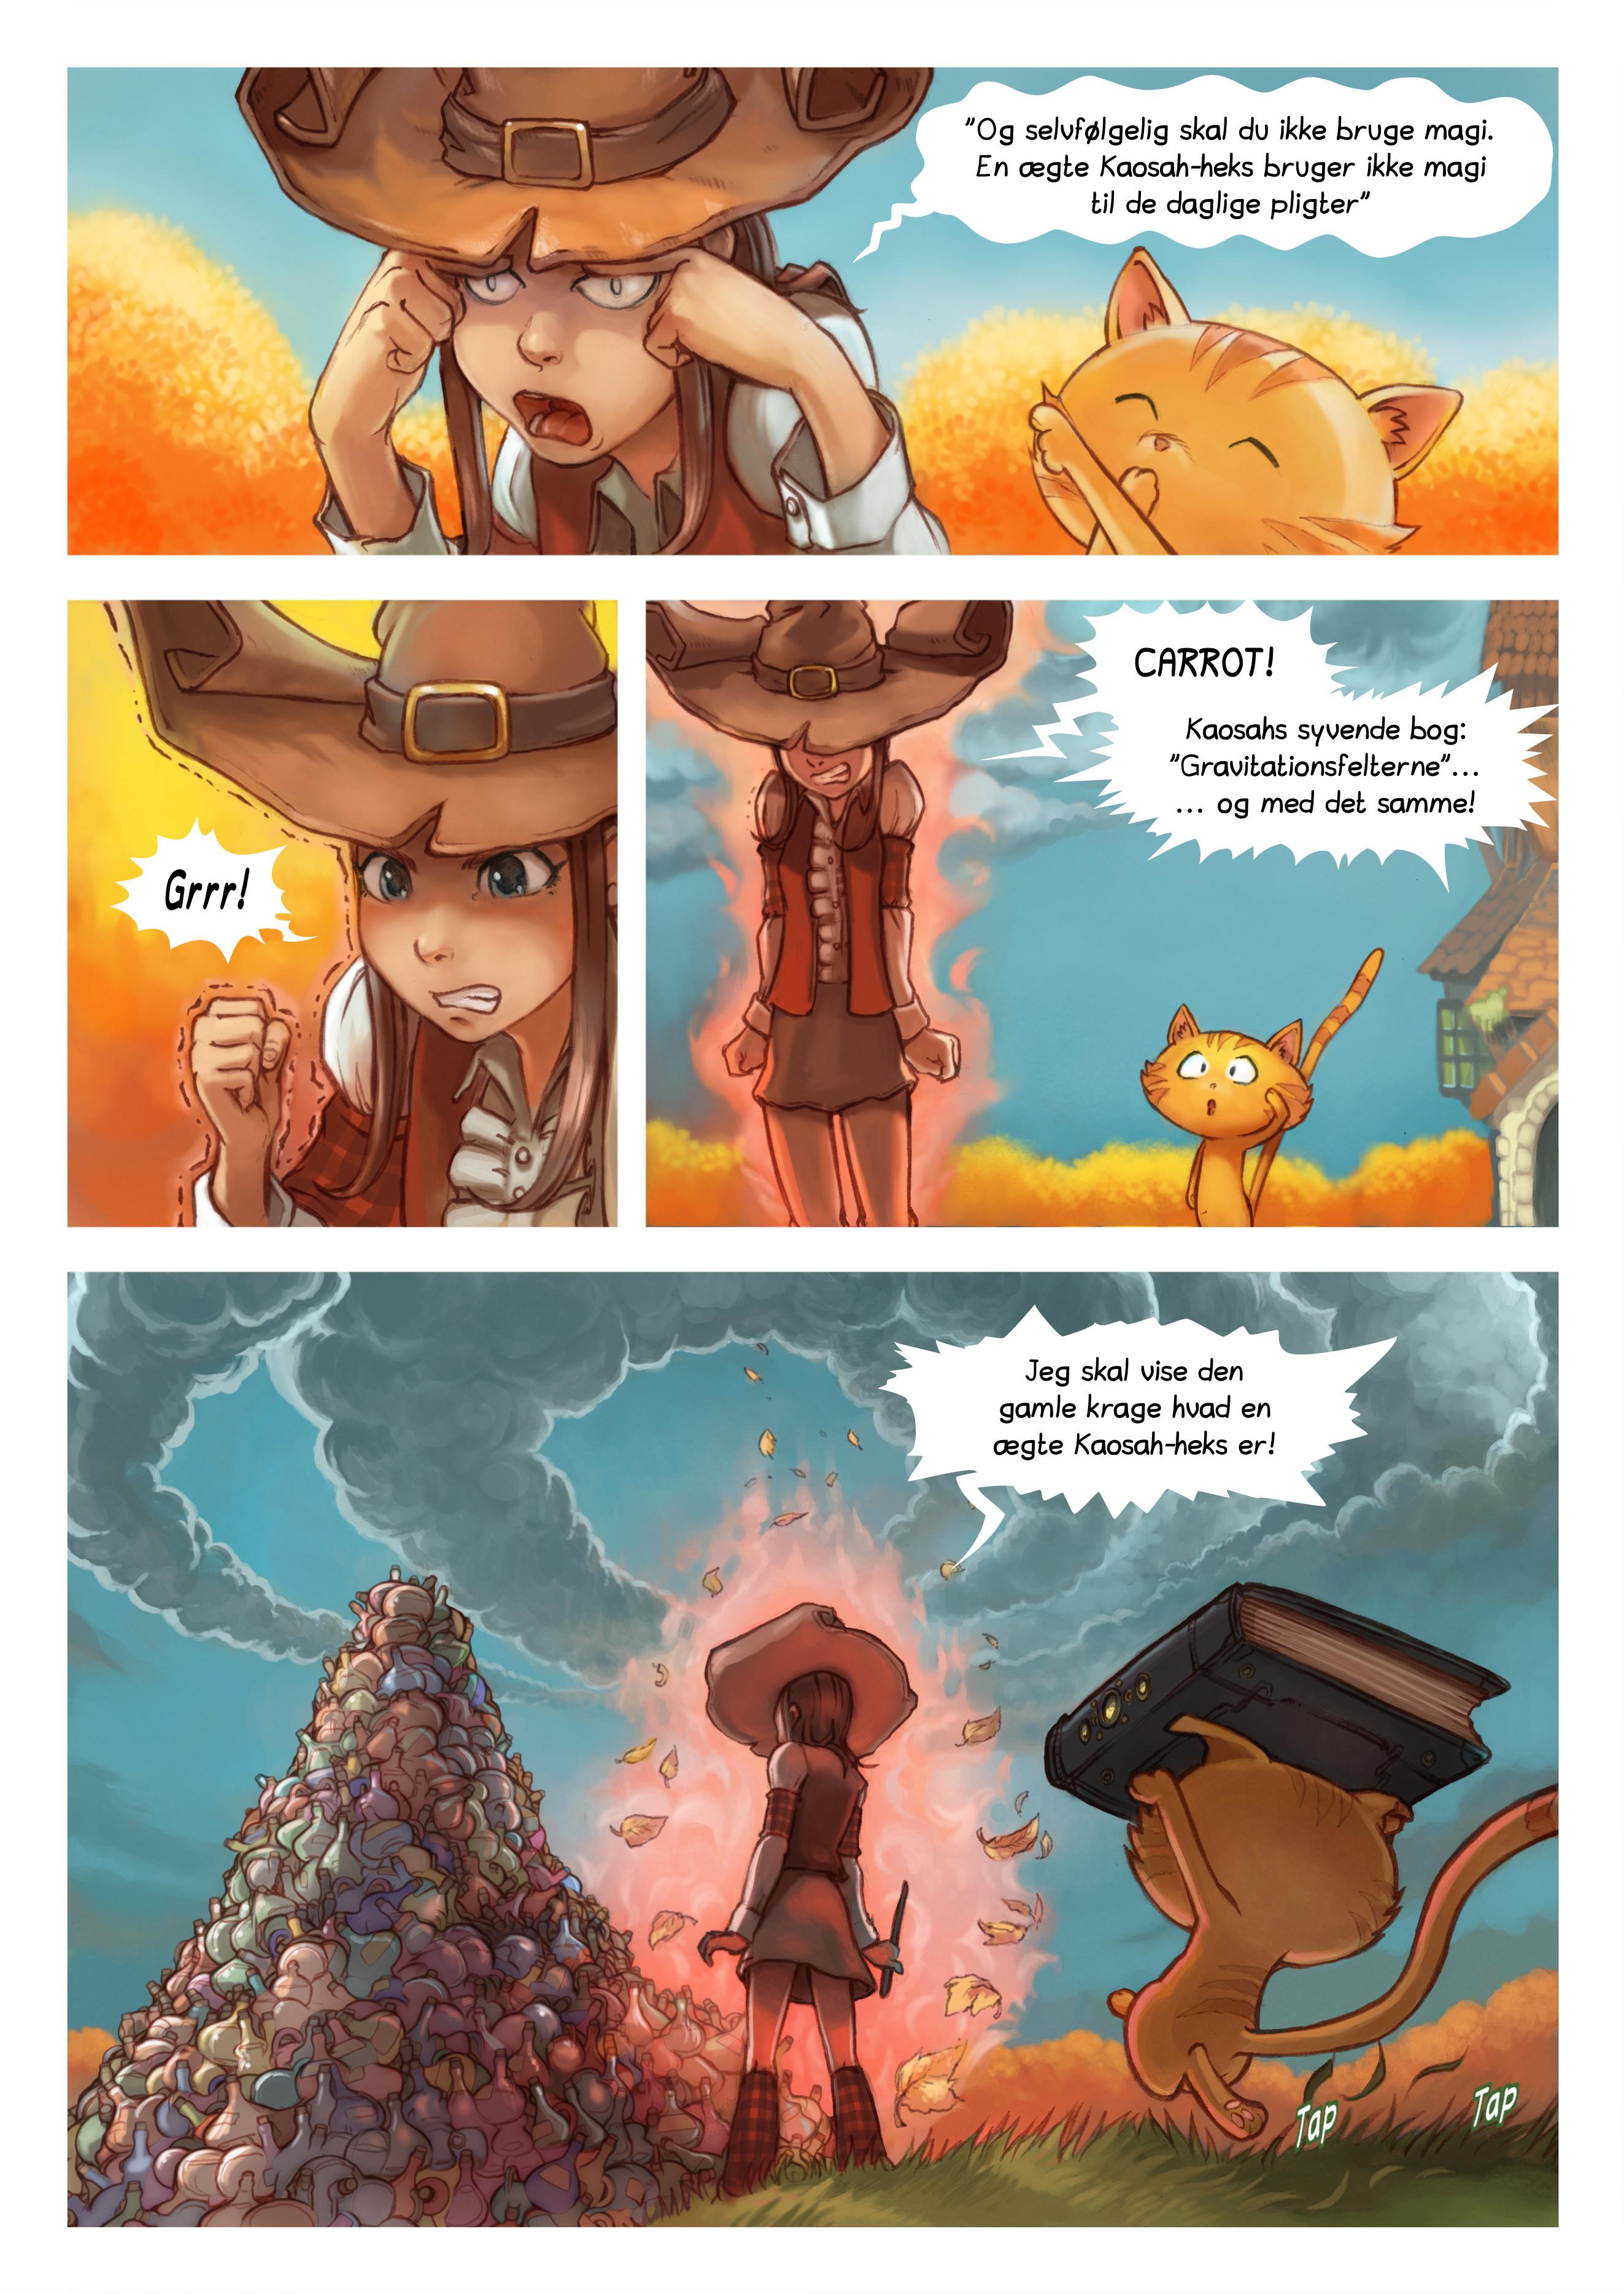 Episode 12: Efterårsoprydning, Page 3